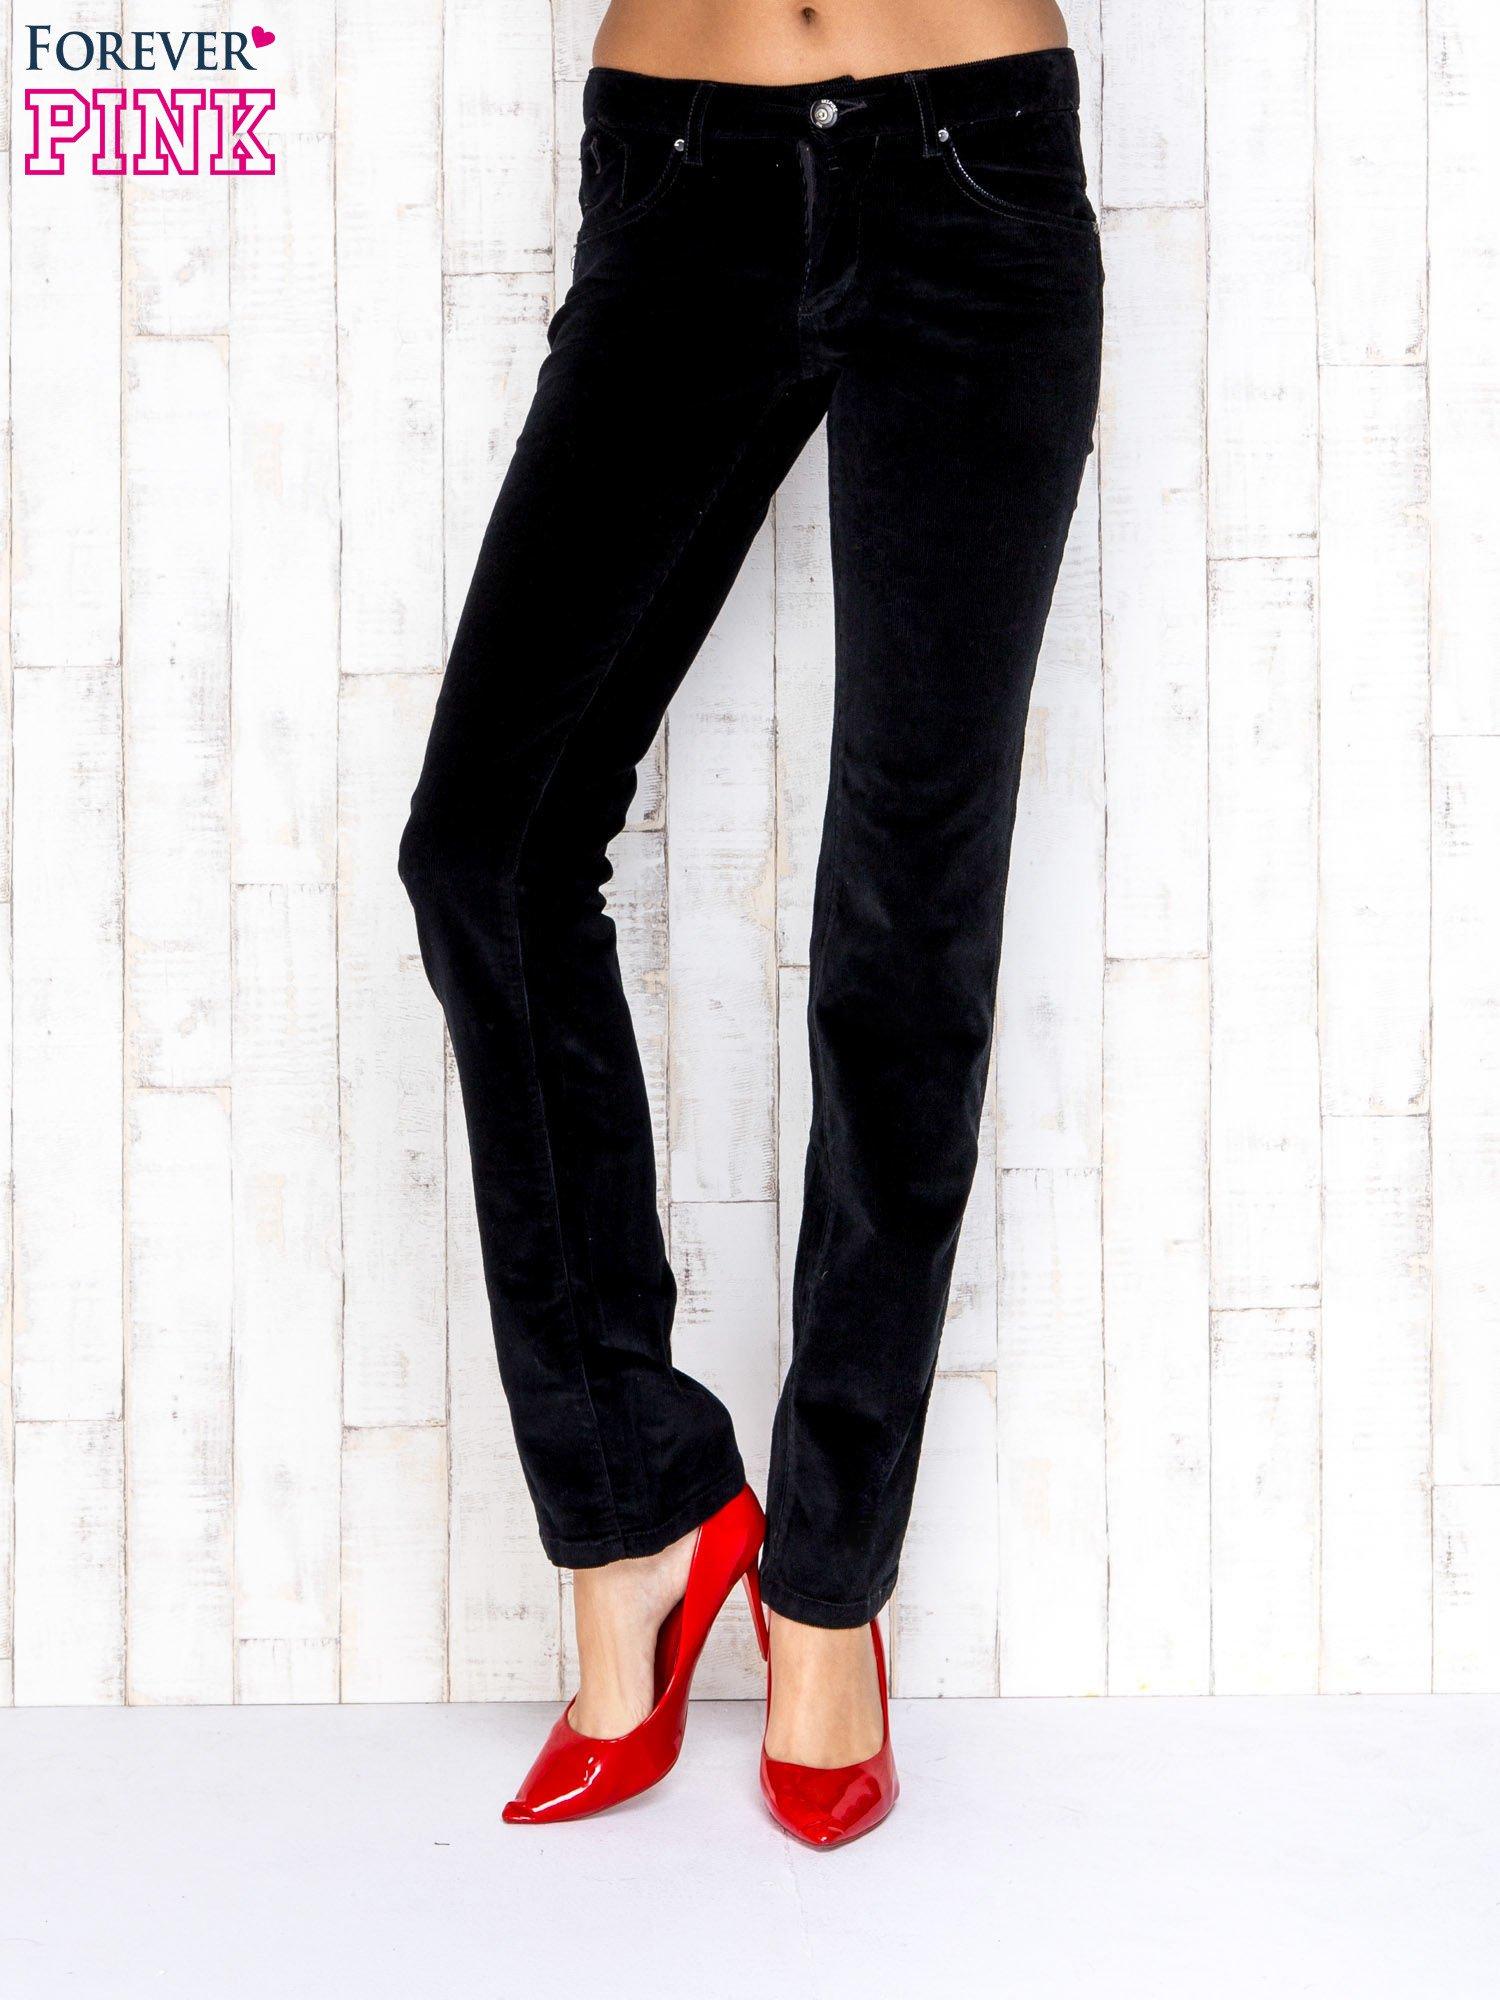 Czarne proste sztruksowe spodnie                                   zdj.                                  1